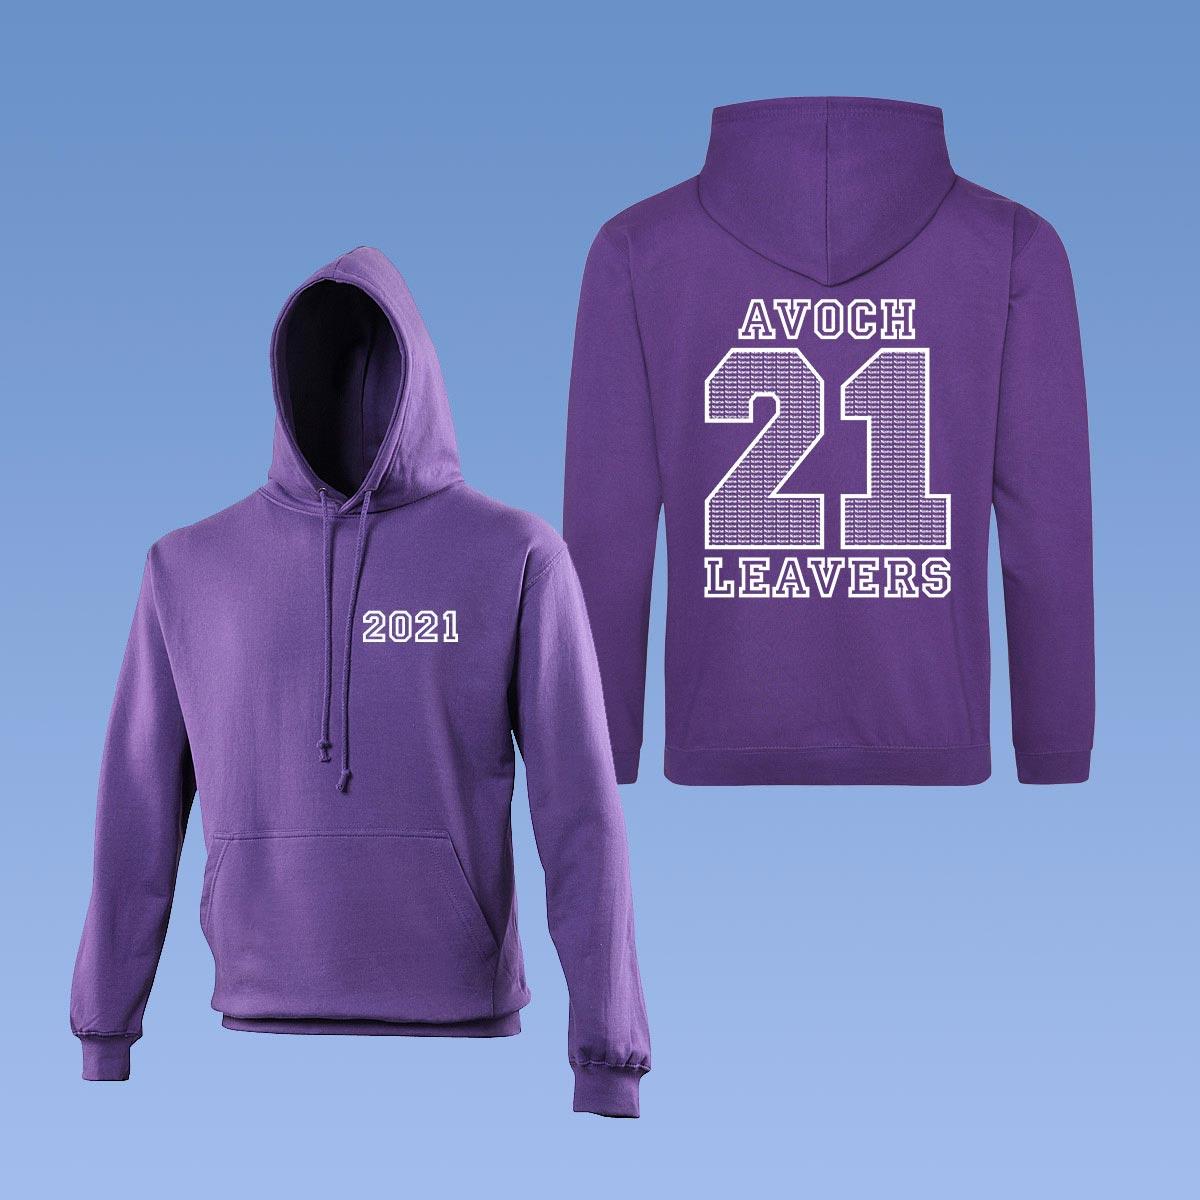 AvochLeavers Hoodies